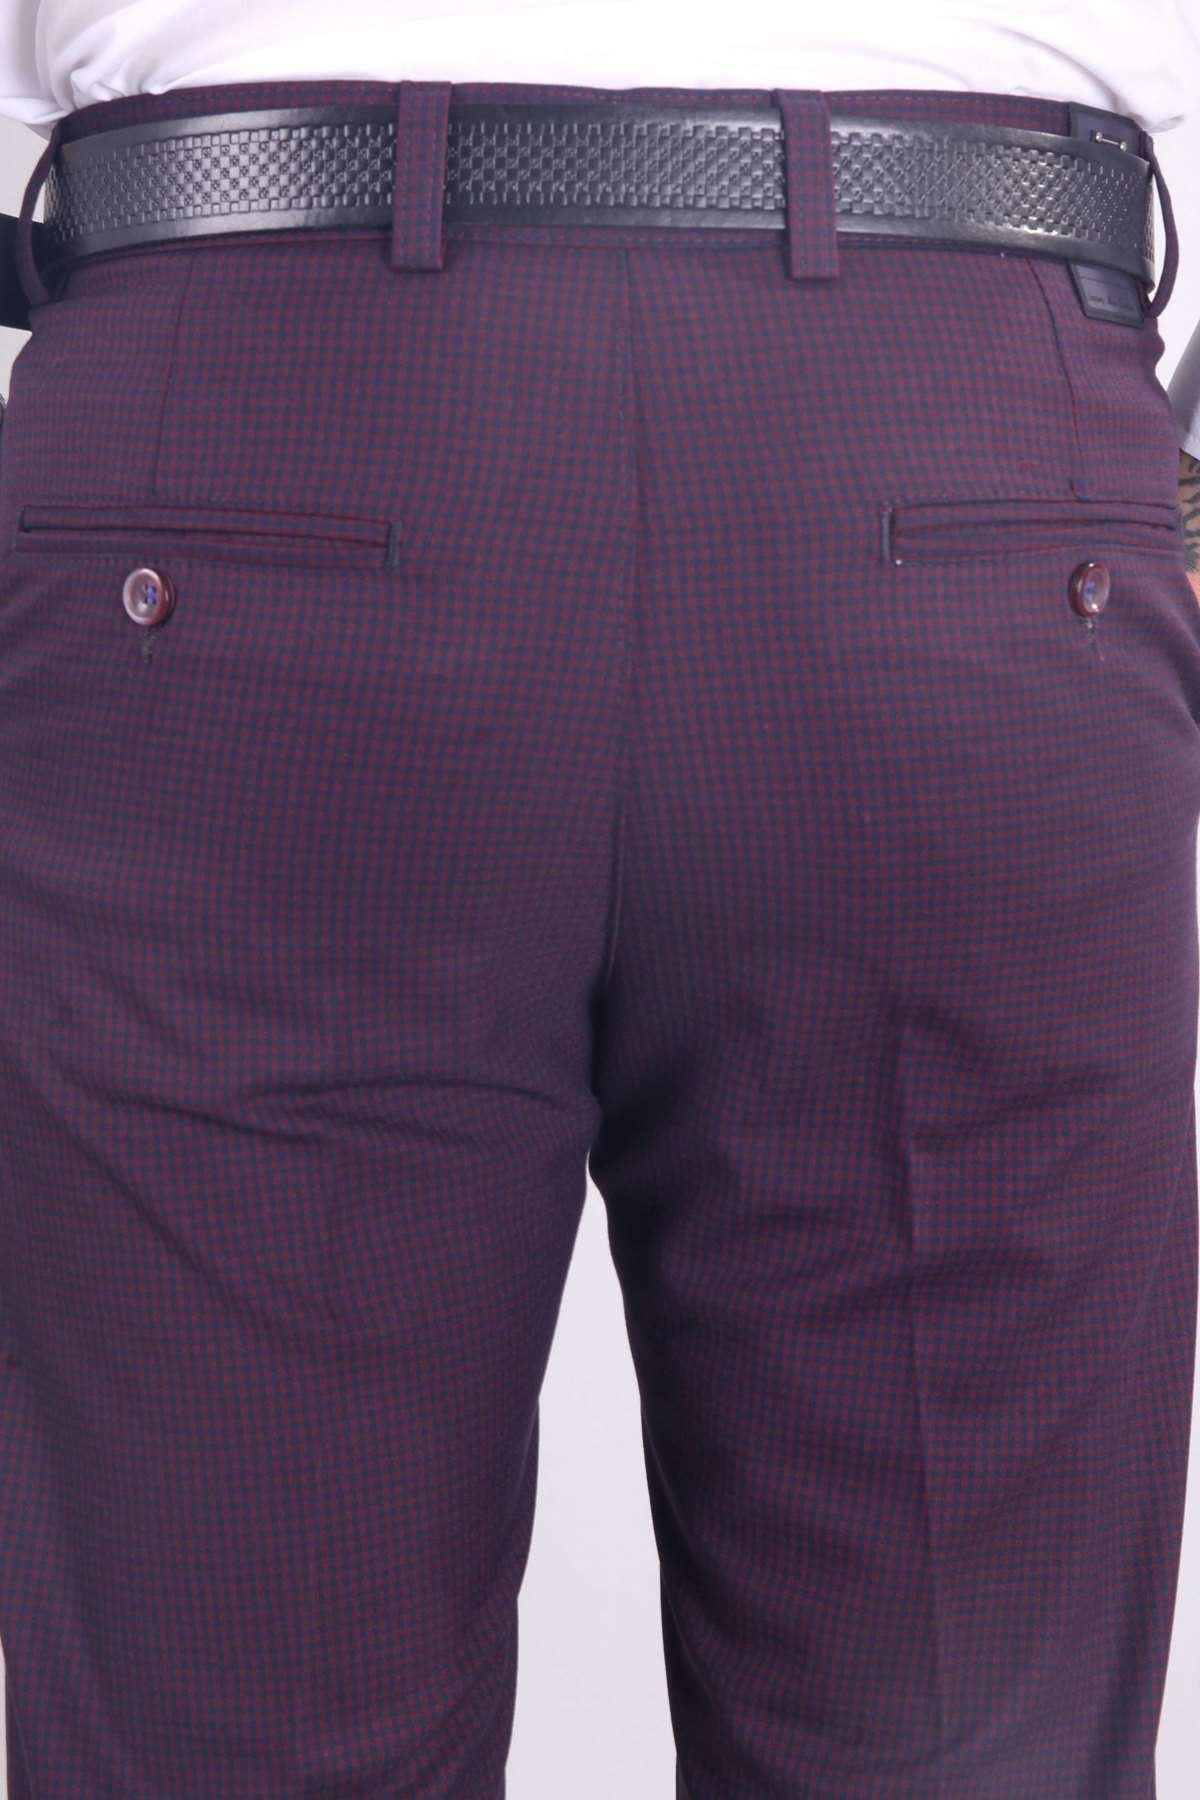 Küçük Kare Desenli Yan Gizli Cepli Slim Fit Pantolon Bordo-Laci